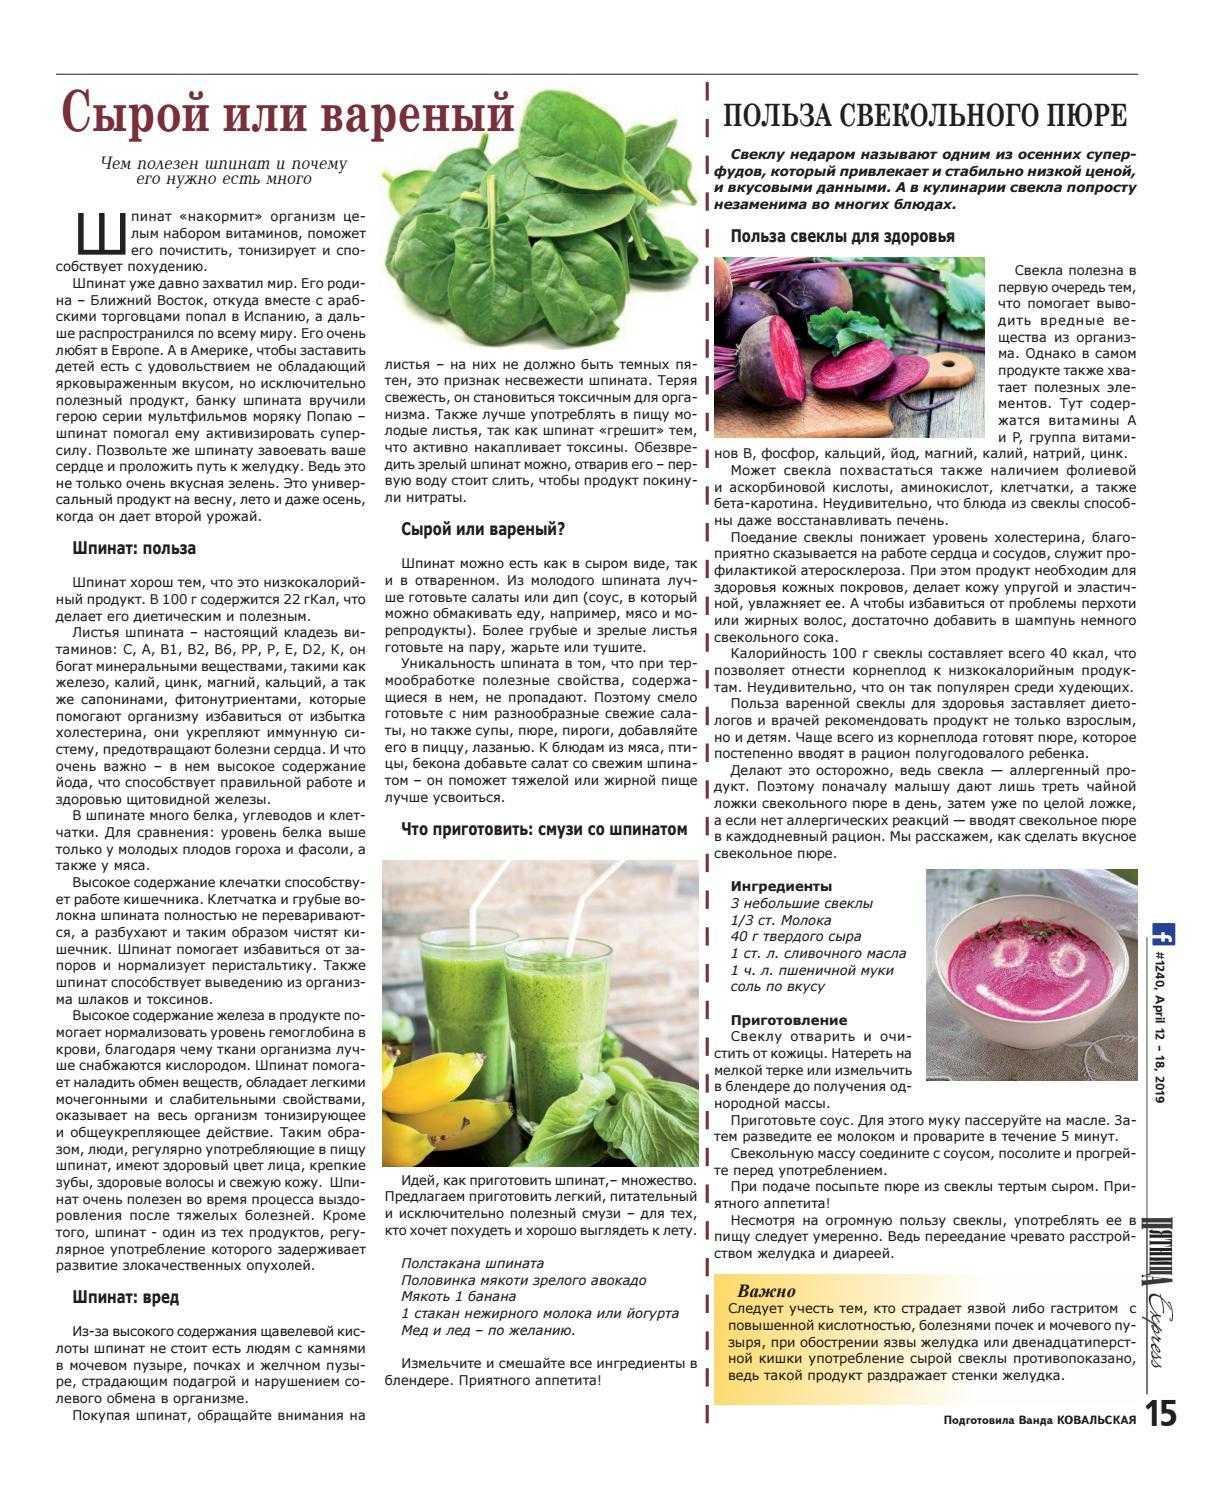 Шпинат – полезные свойства, рецепты и противопоказания «генерала листовой зелени» | здорова и красива